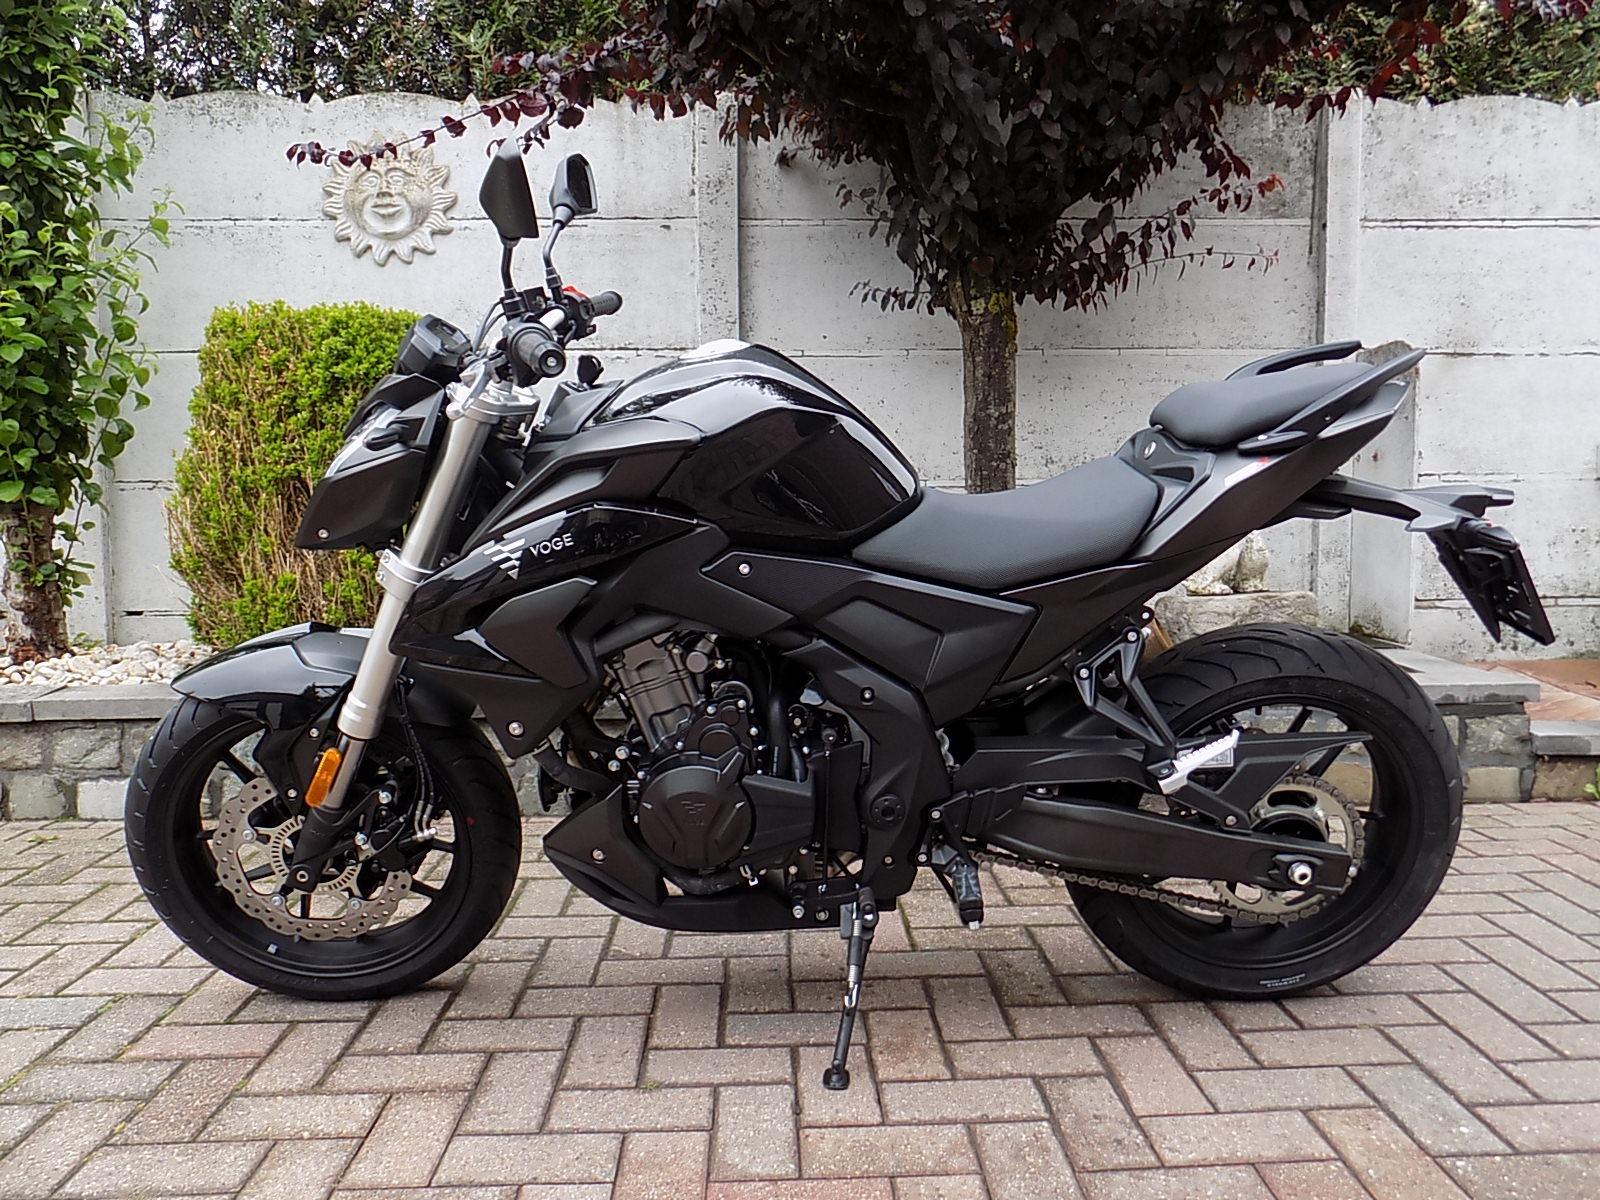 voge 500r (35kw/a2 rijbewijs) naked bike!! (promotie 4999€)